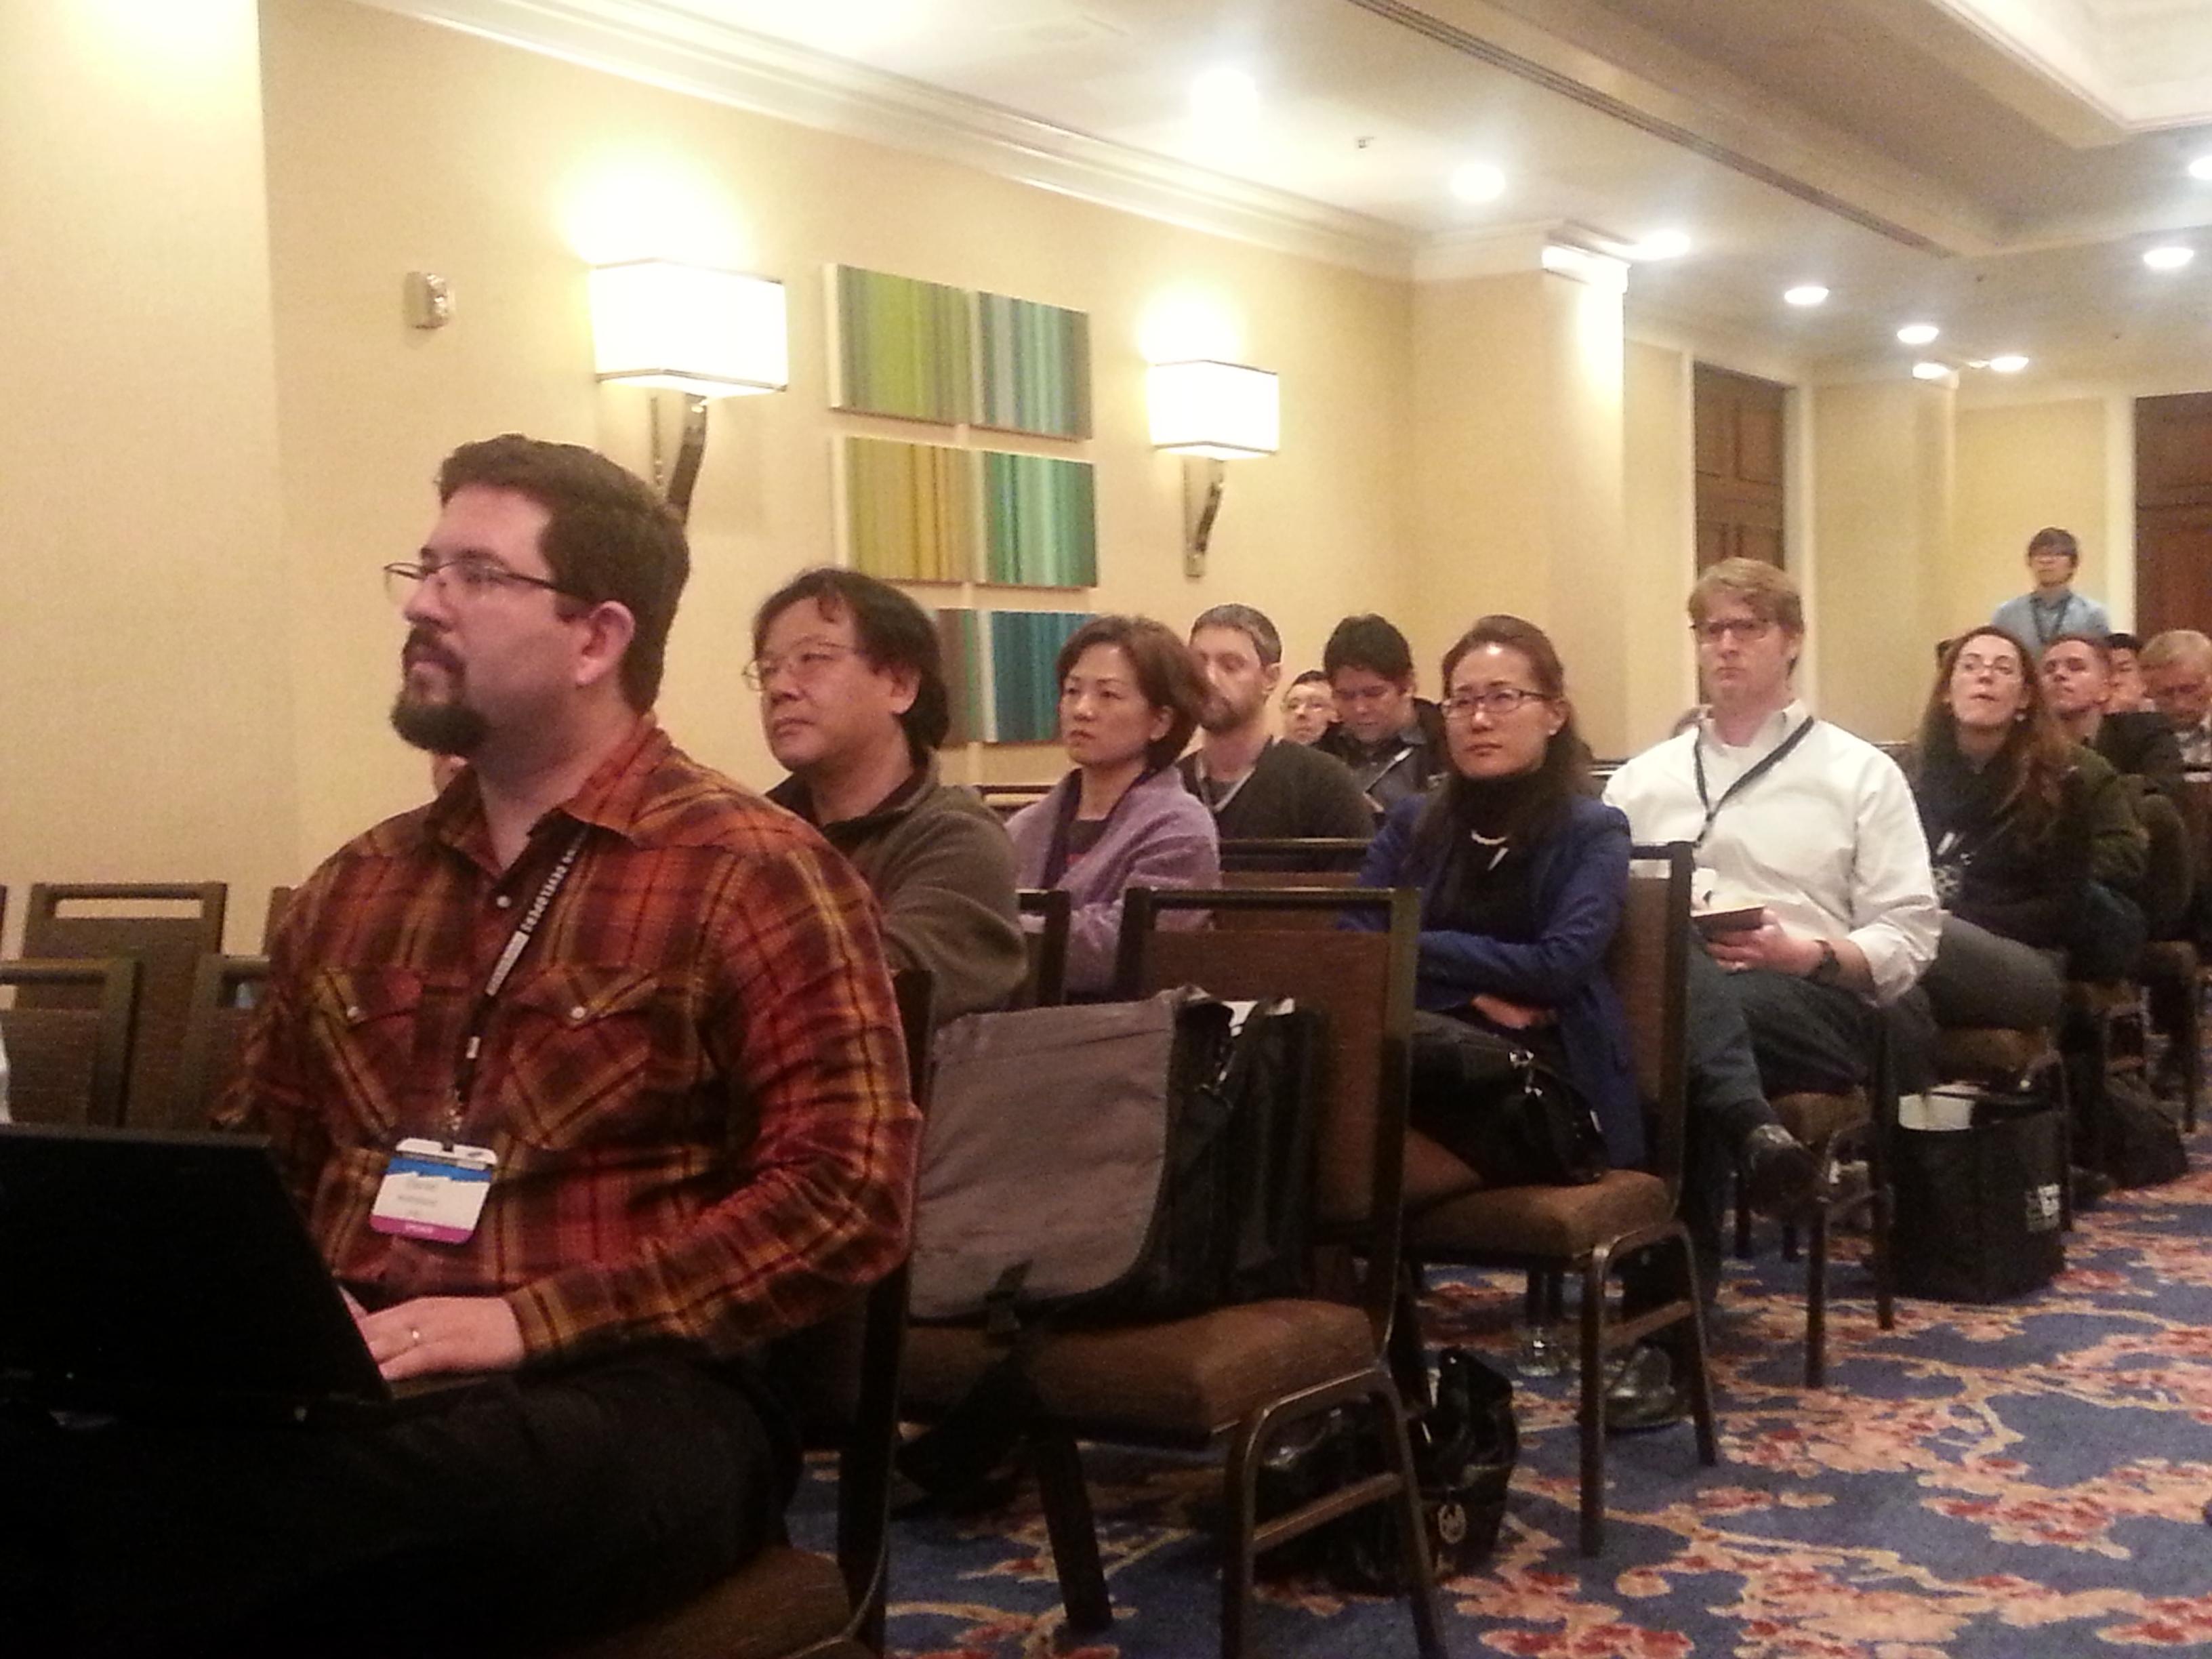 세션을 경청하는 참가자들의 모습입니다.